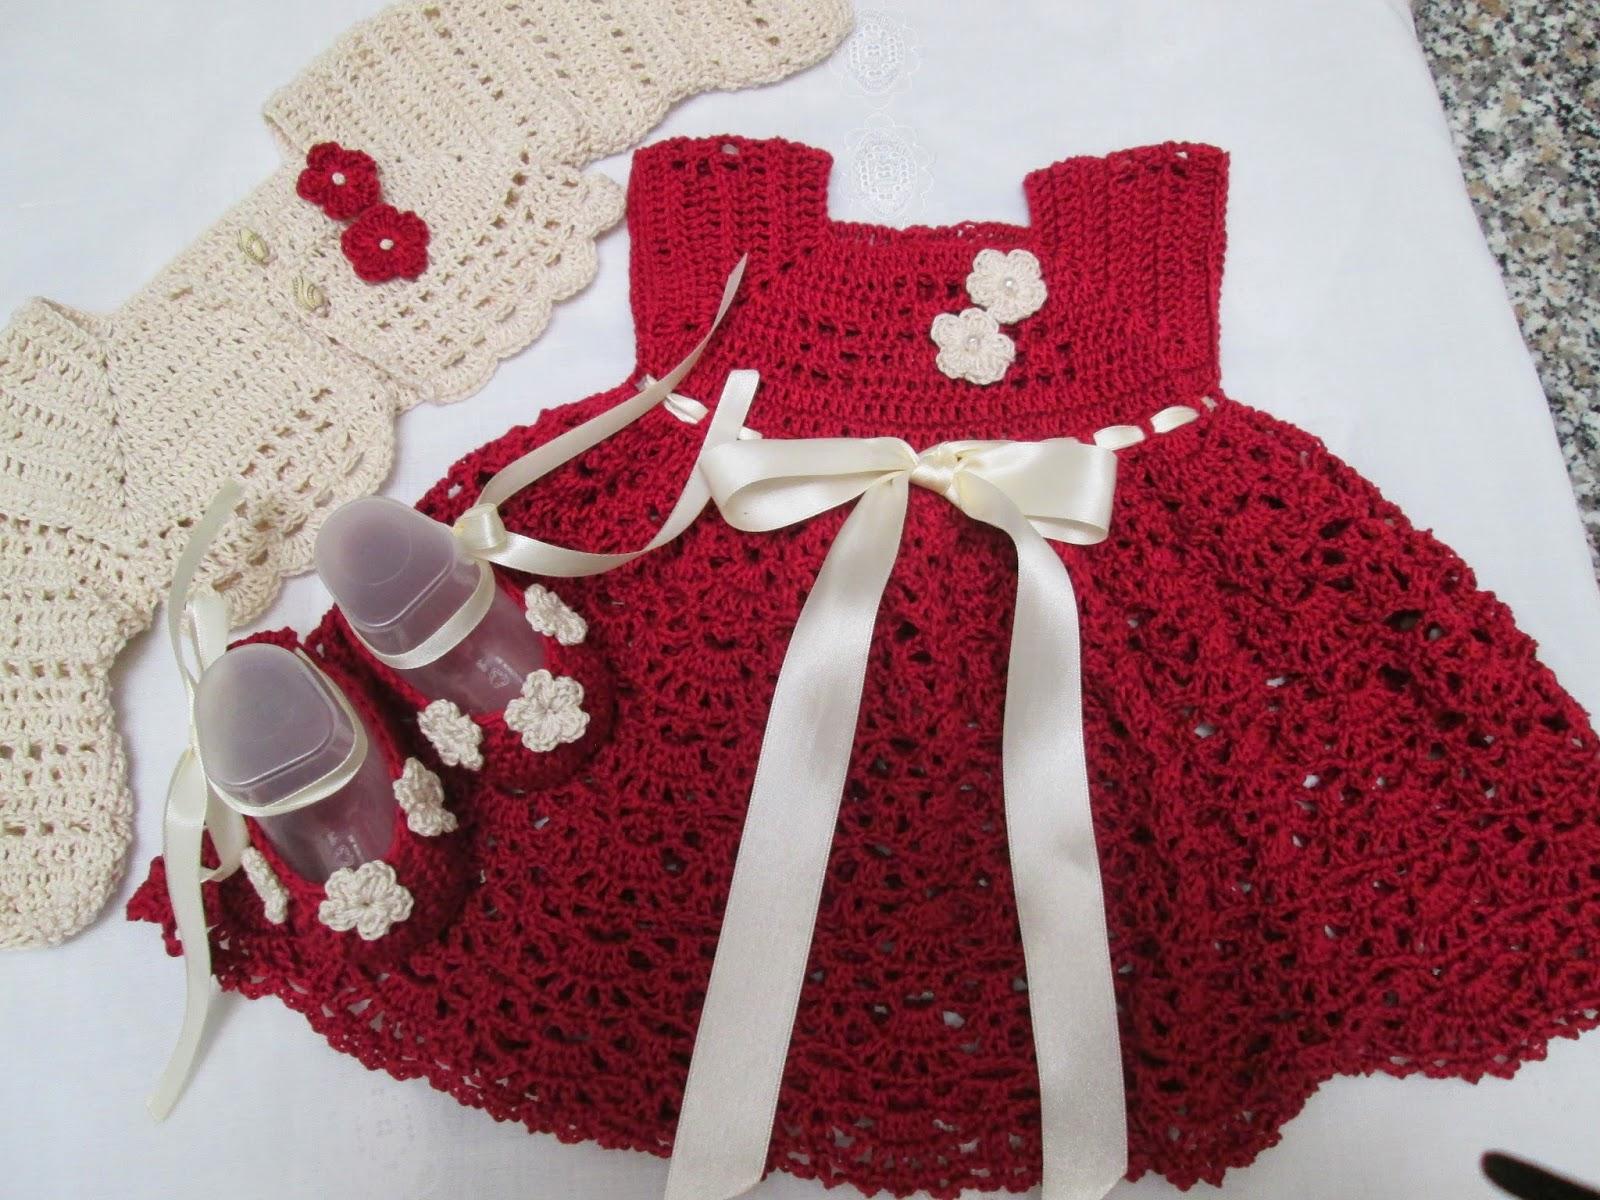 Vestito Vestito Bambina Uncinetto Uncinetto Bambina Bambina Uncinetto Bambina Vestito Uncinetto Uncinetto Vestito fbgy6vYI7